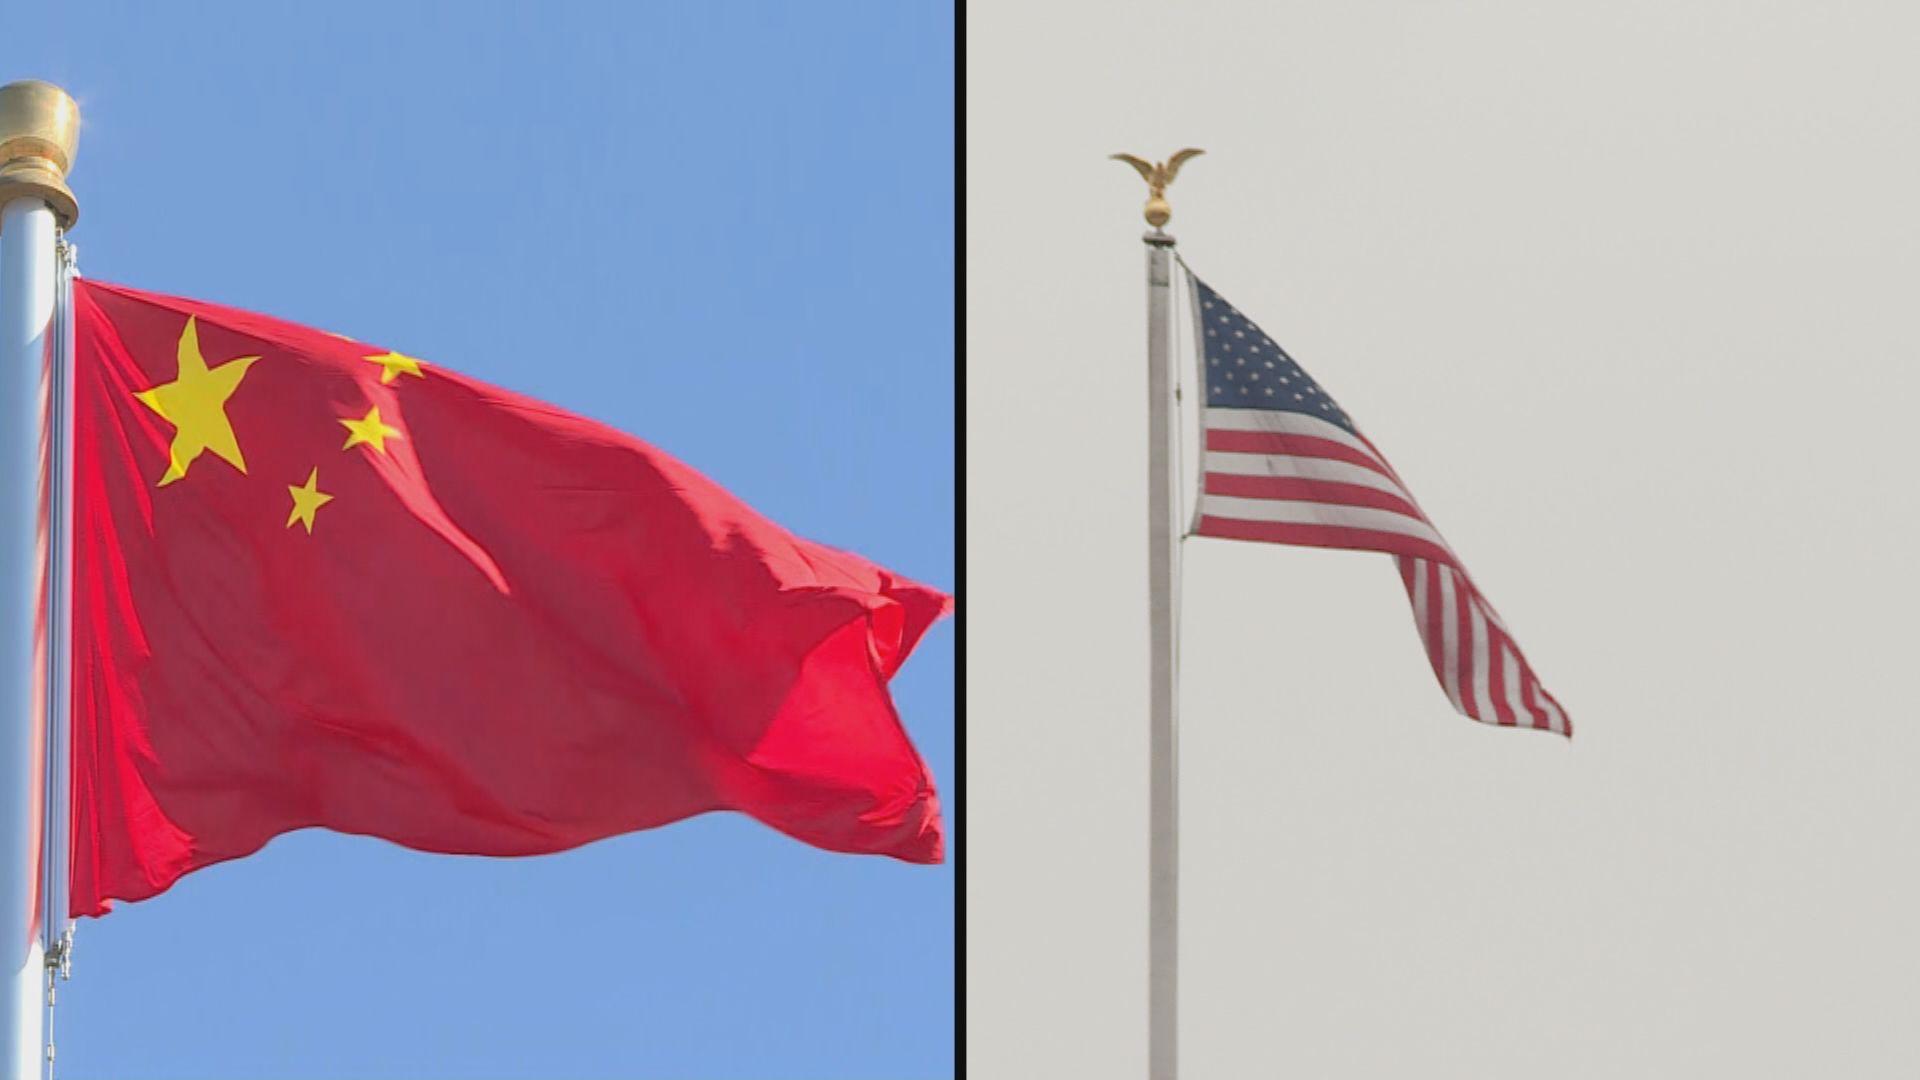 拜登擬設對華熱線供緊急通訊 外交部:已有多條熱線